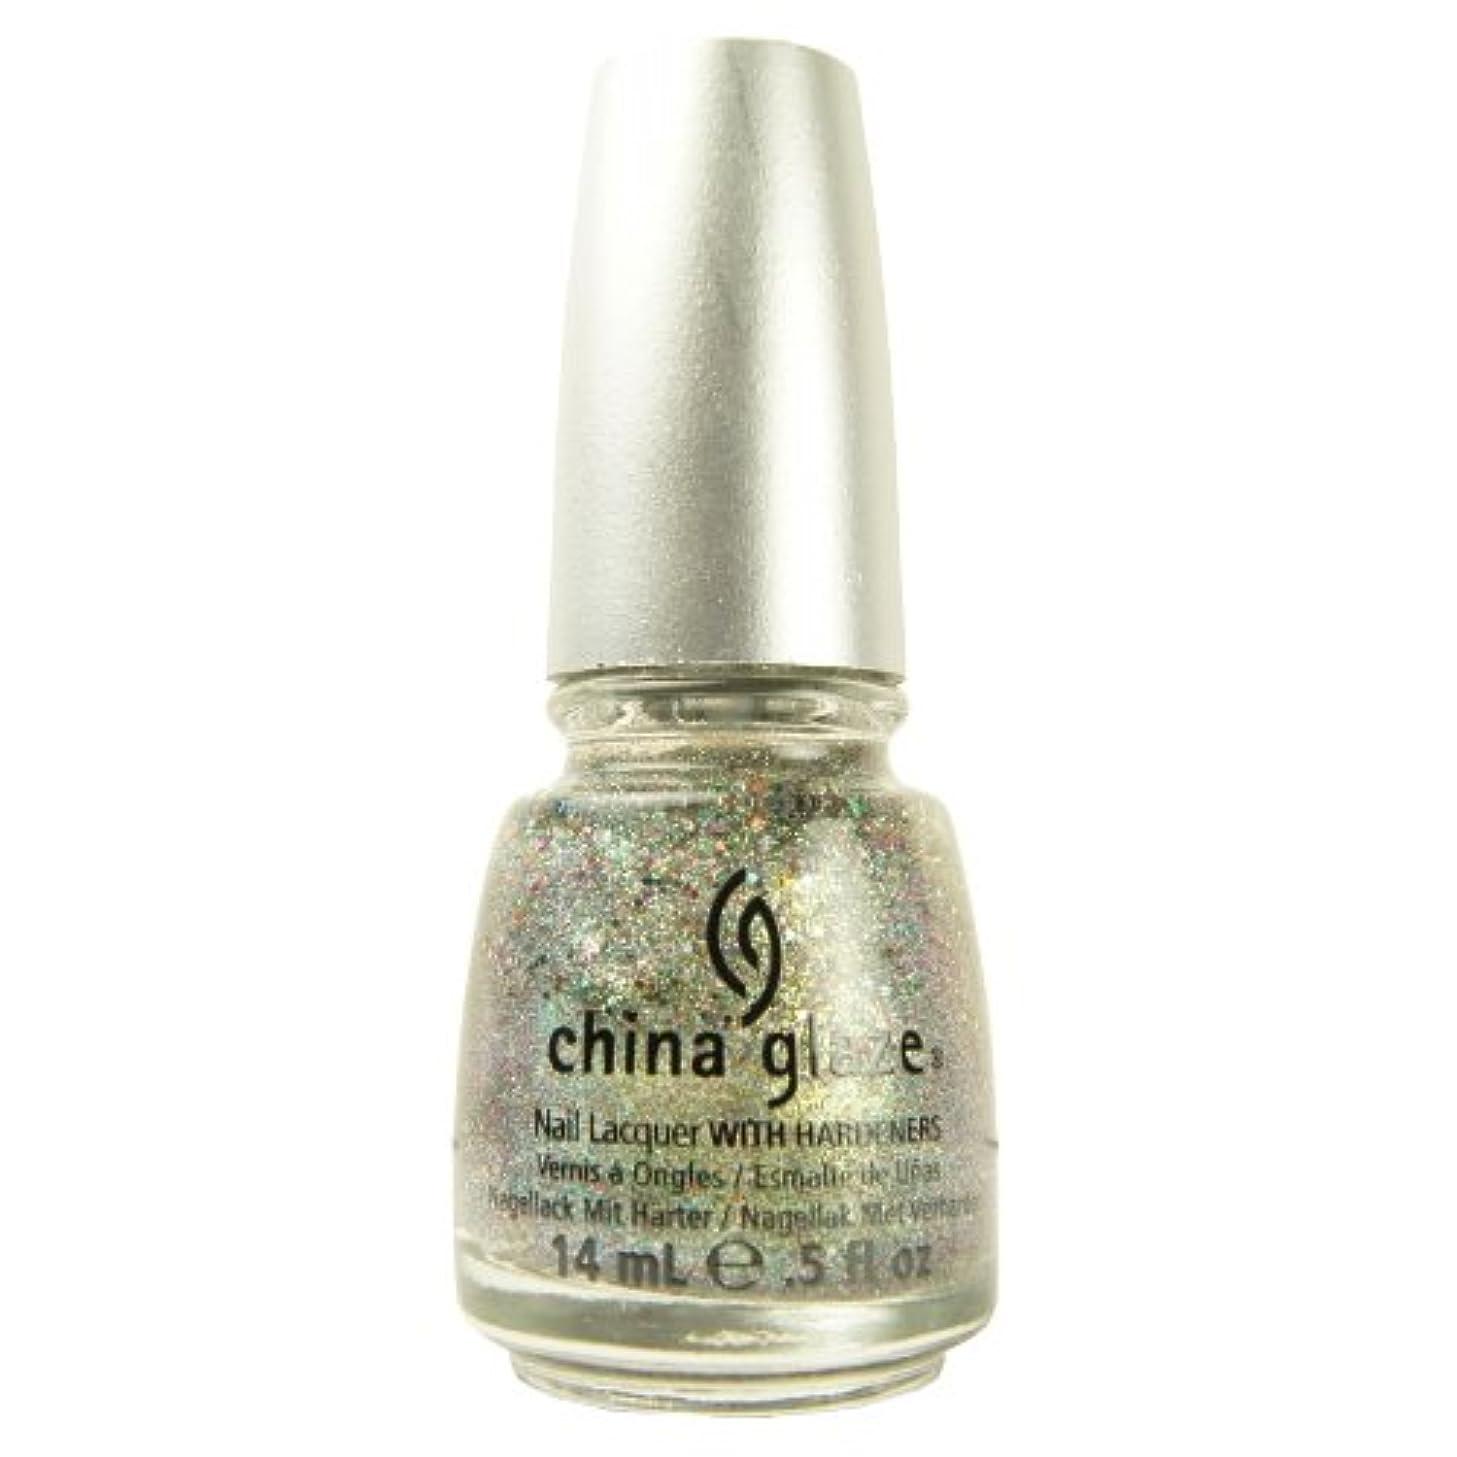 憂鬱なアテンダント要塞(6 Pack) CHINA GLAZE Glitter Nail Lacquer with Nail Hardner - Ray-Diant (DC) (並行輸入品)